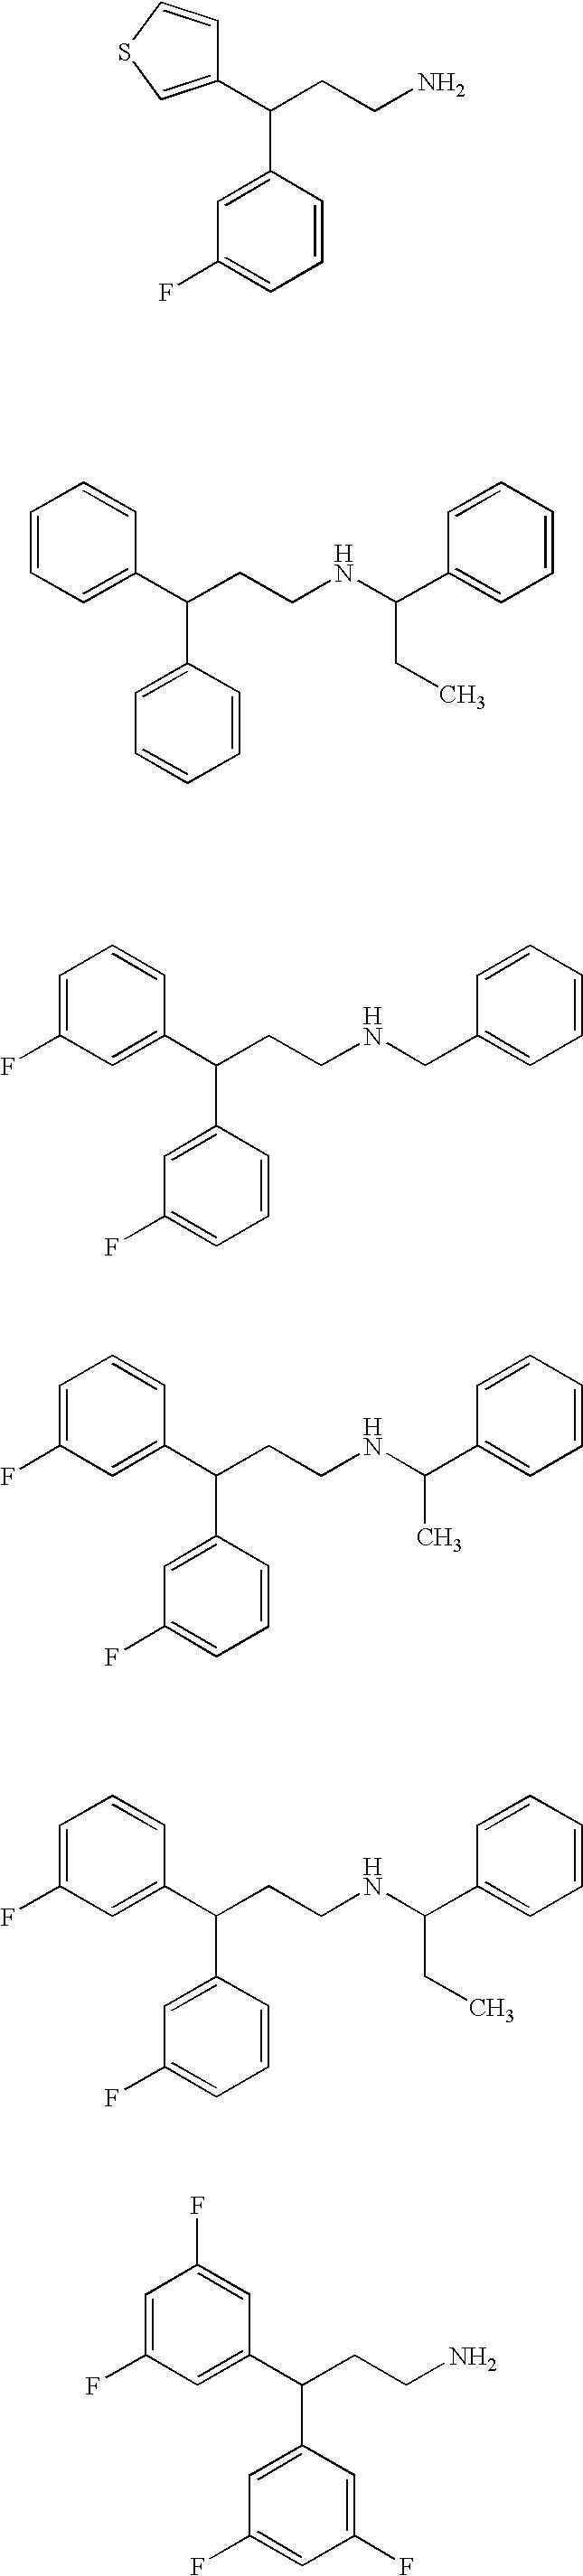 Figure US20050282859A1-20051222-C00047